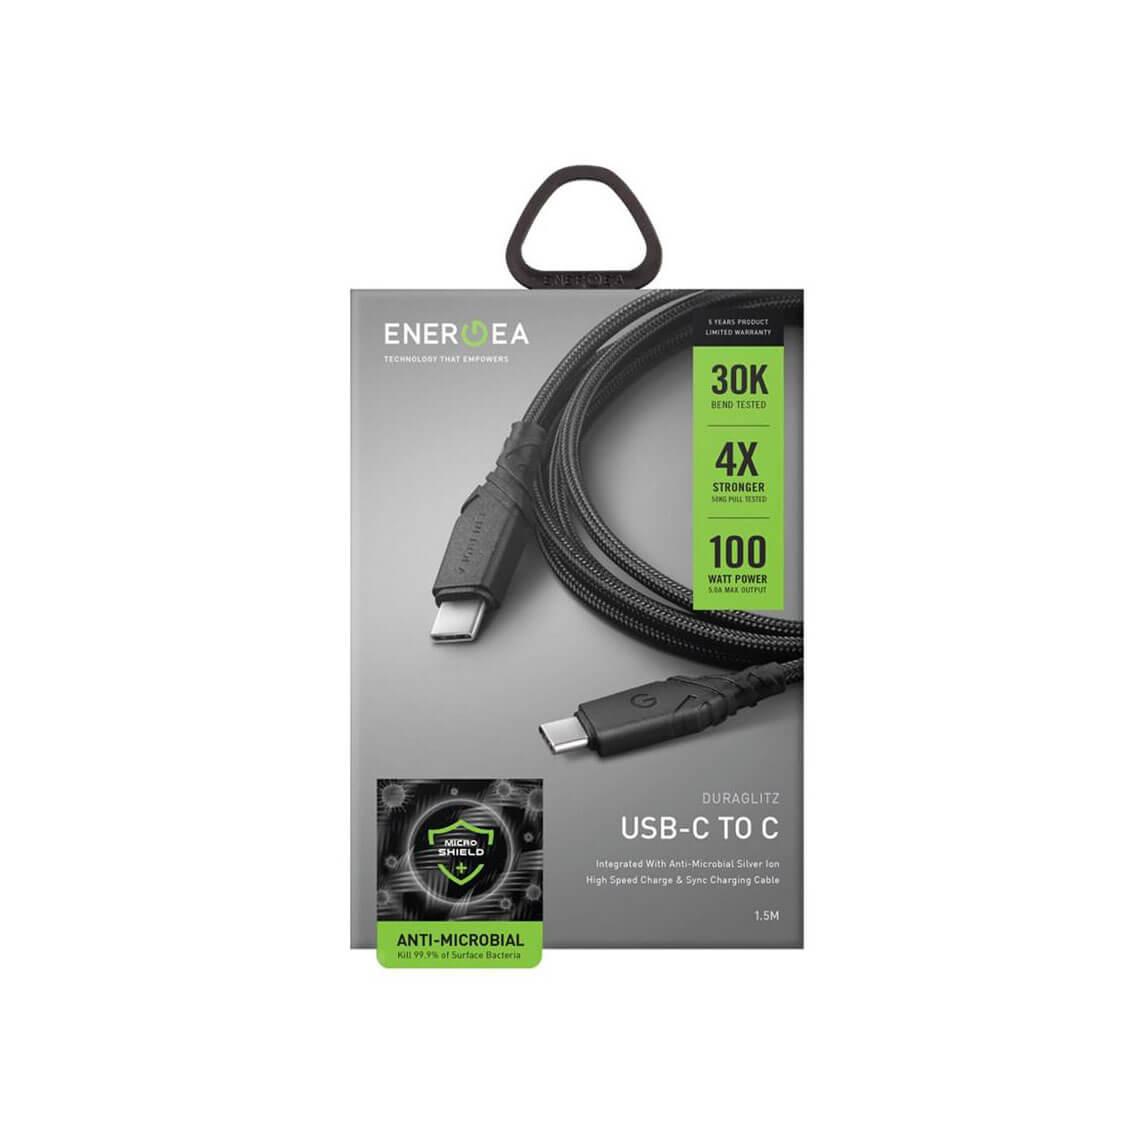 کابل 1.5 متری انرژیا Duraglitz تبدیل USB-C به USB-C